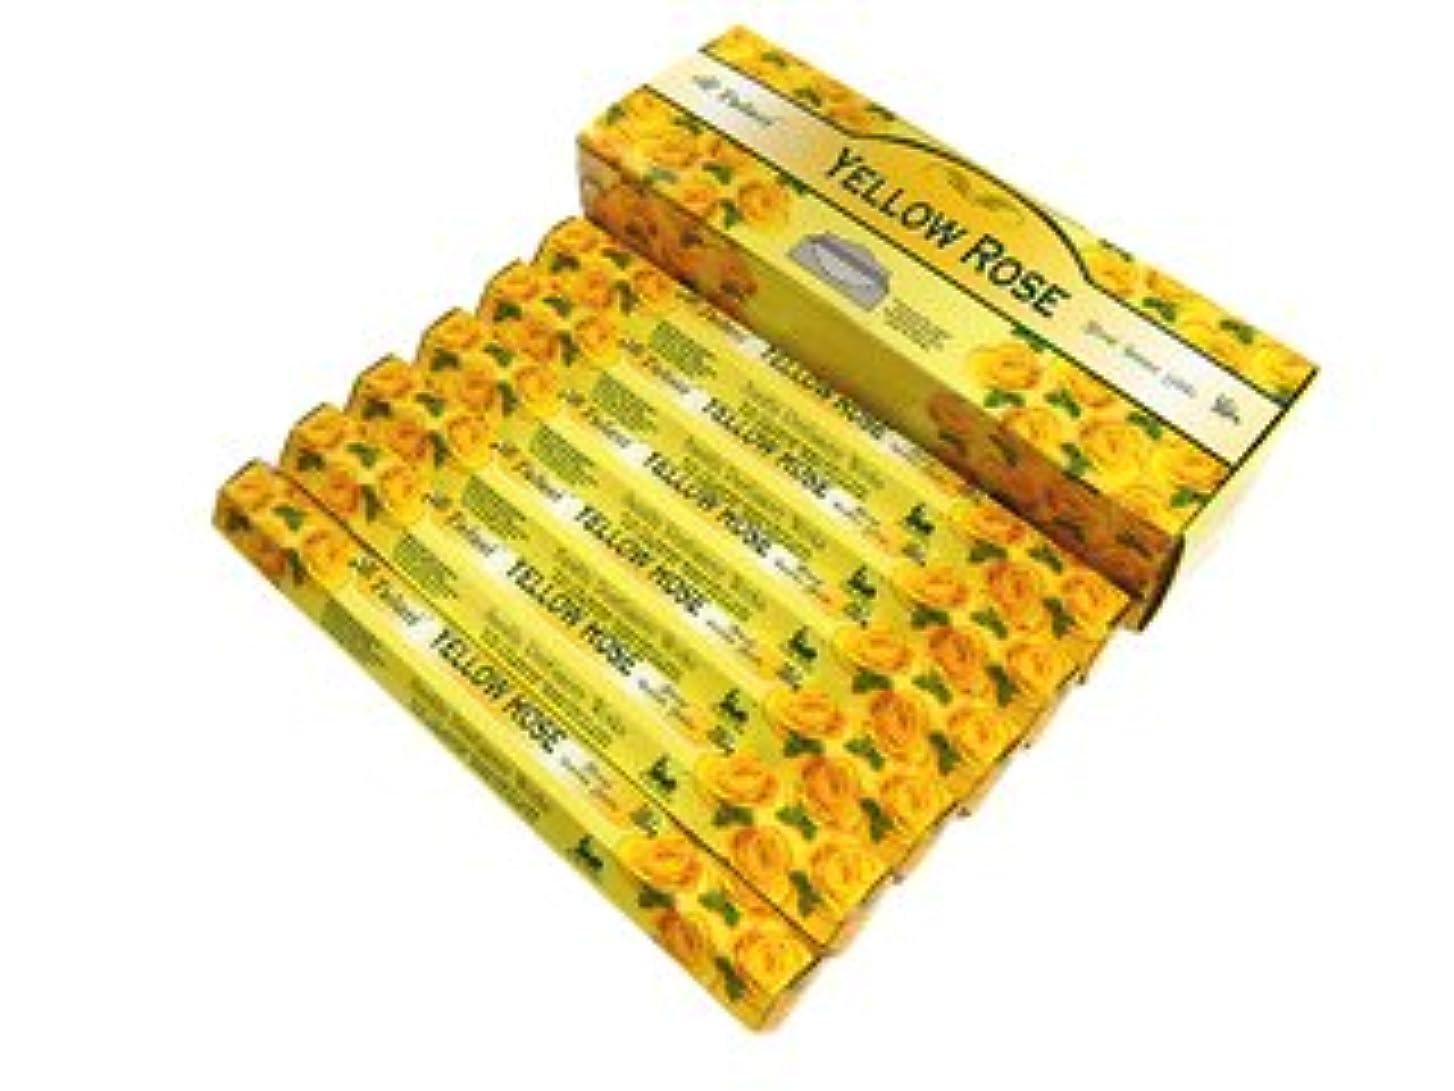 温度計スリップシューズ現代TULASI(トゥラシ) イエローローズ香 スティック YELLOW ROSE 6箱セット